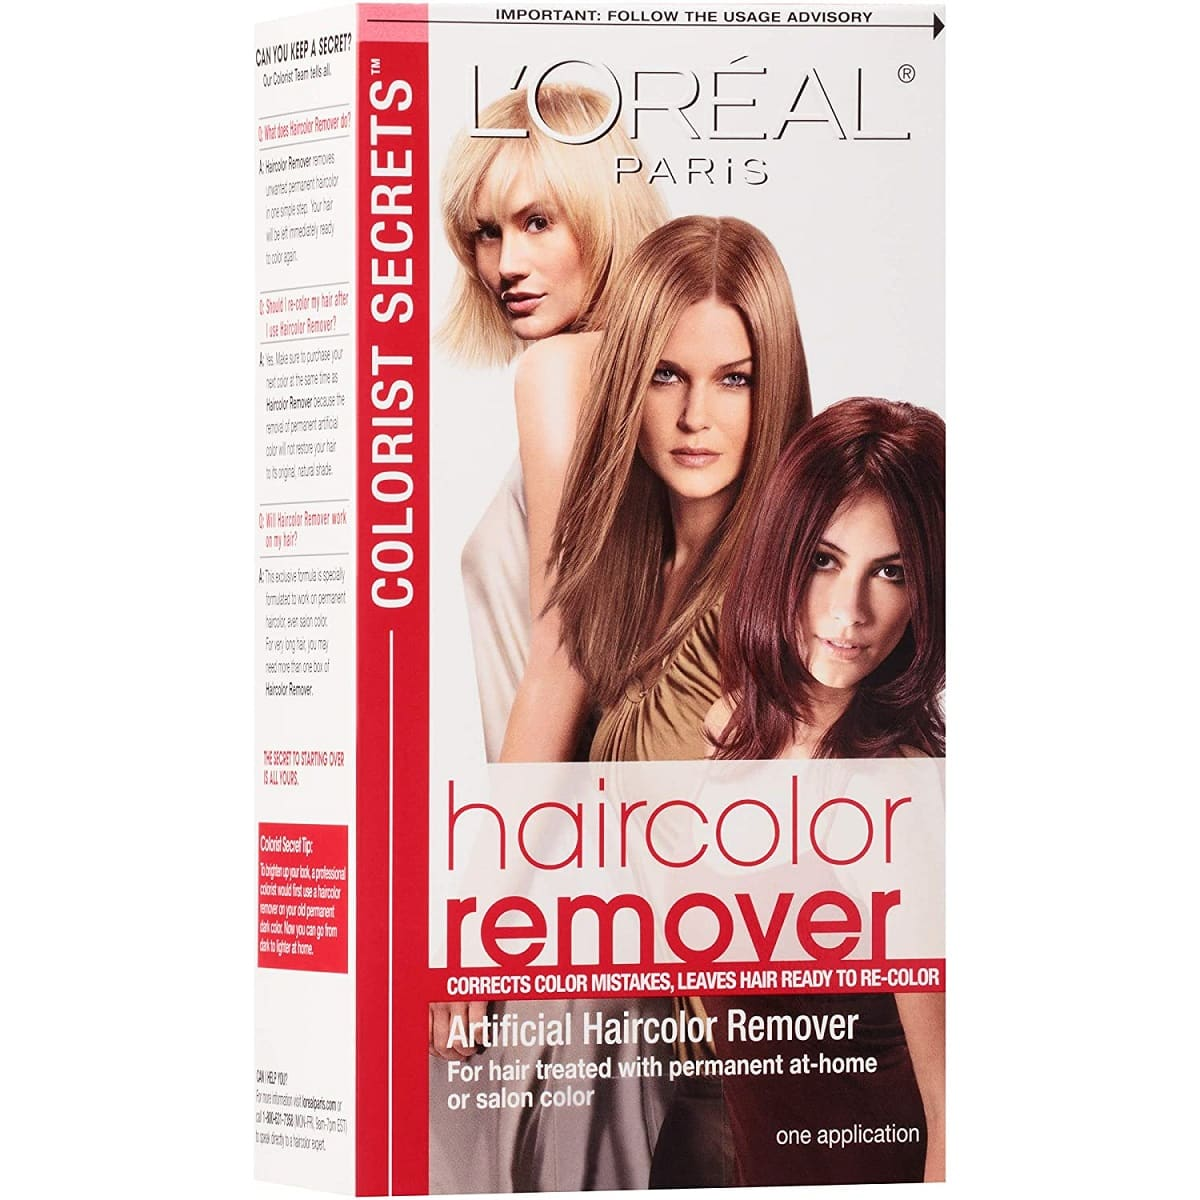 Hair Dye Remover